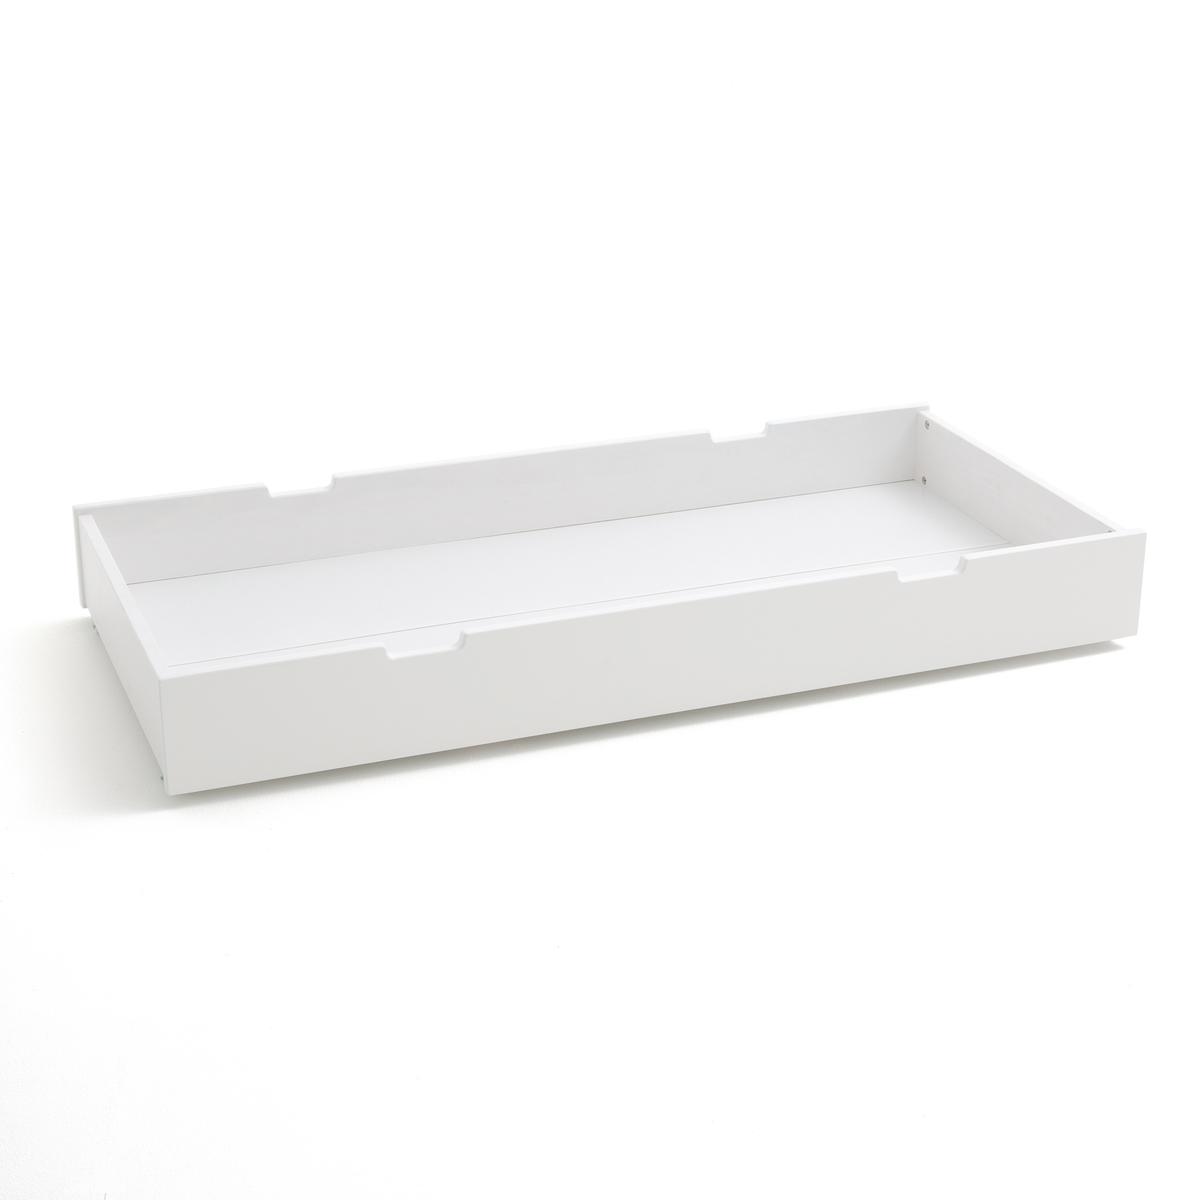 Ящик для хранения Baladin, Ш.140 см